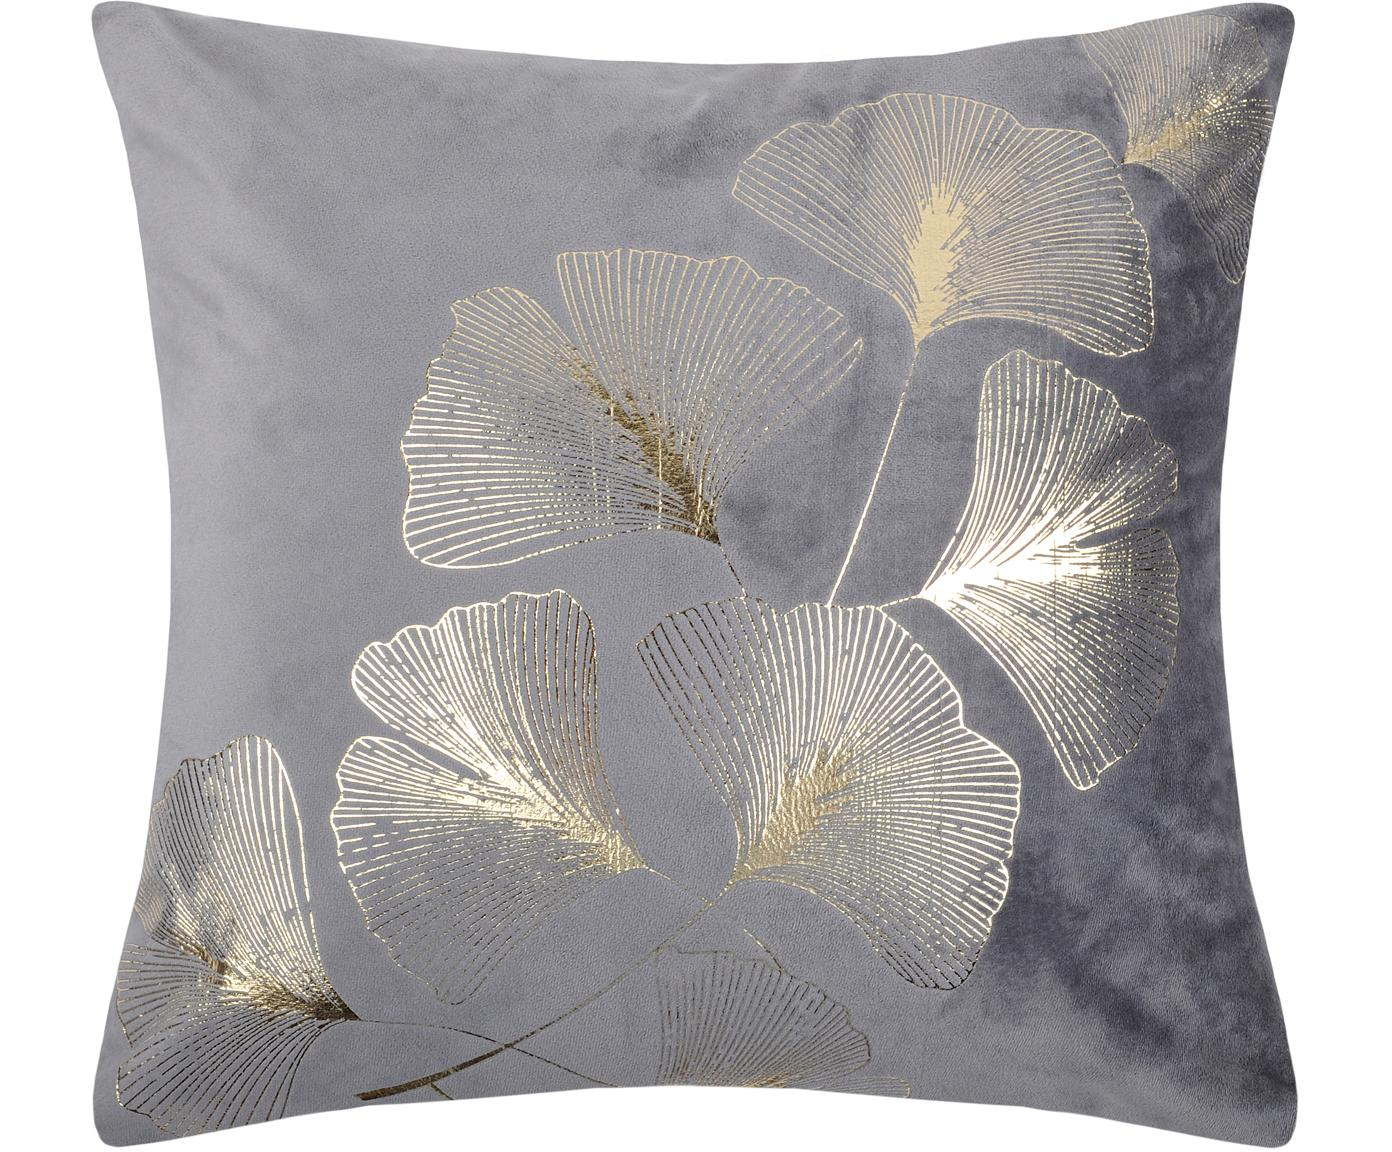 Samt-Kissen Ginnan mit goldenem Ginkgo-Print, mit Inlett, 100% Samt, Grau, Gold, 40 x 40 cm